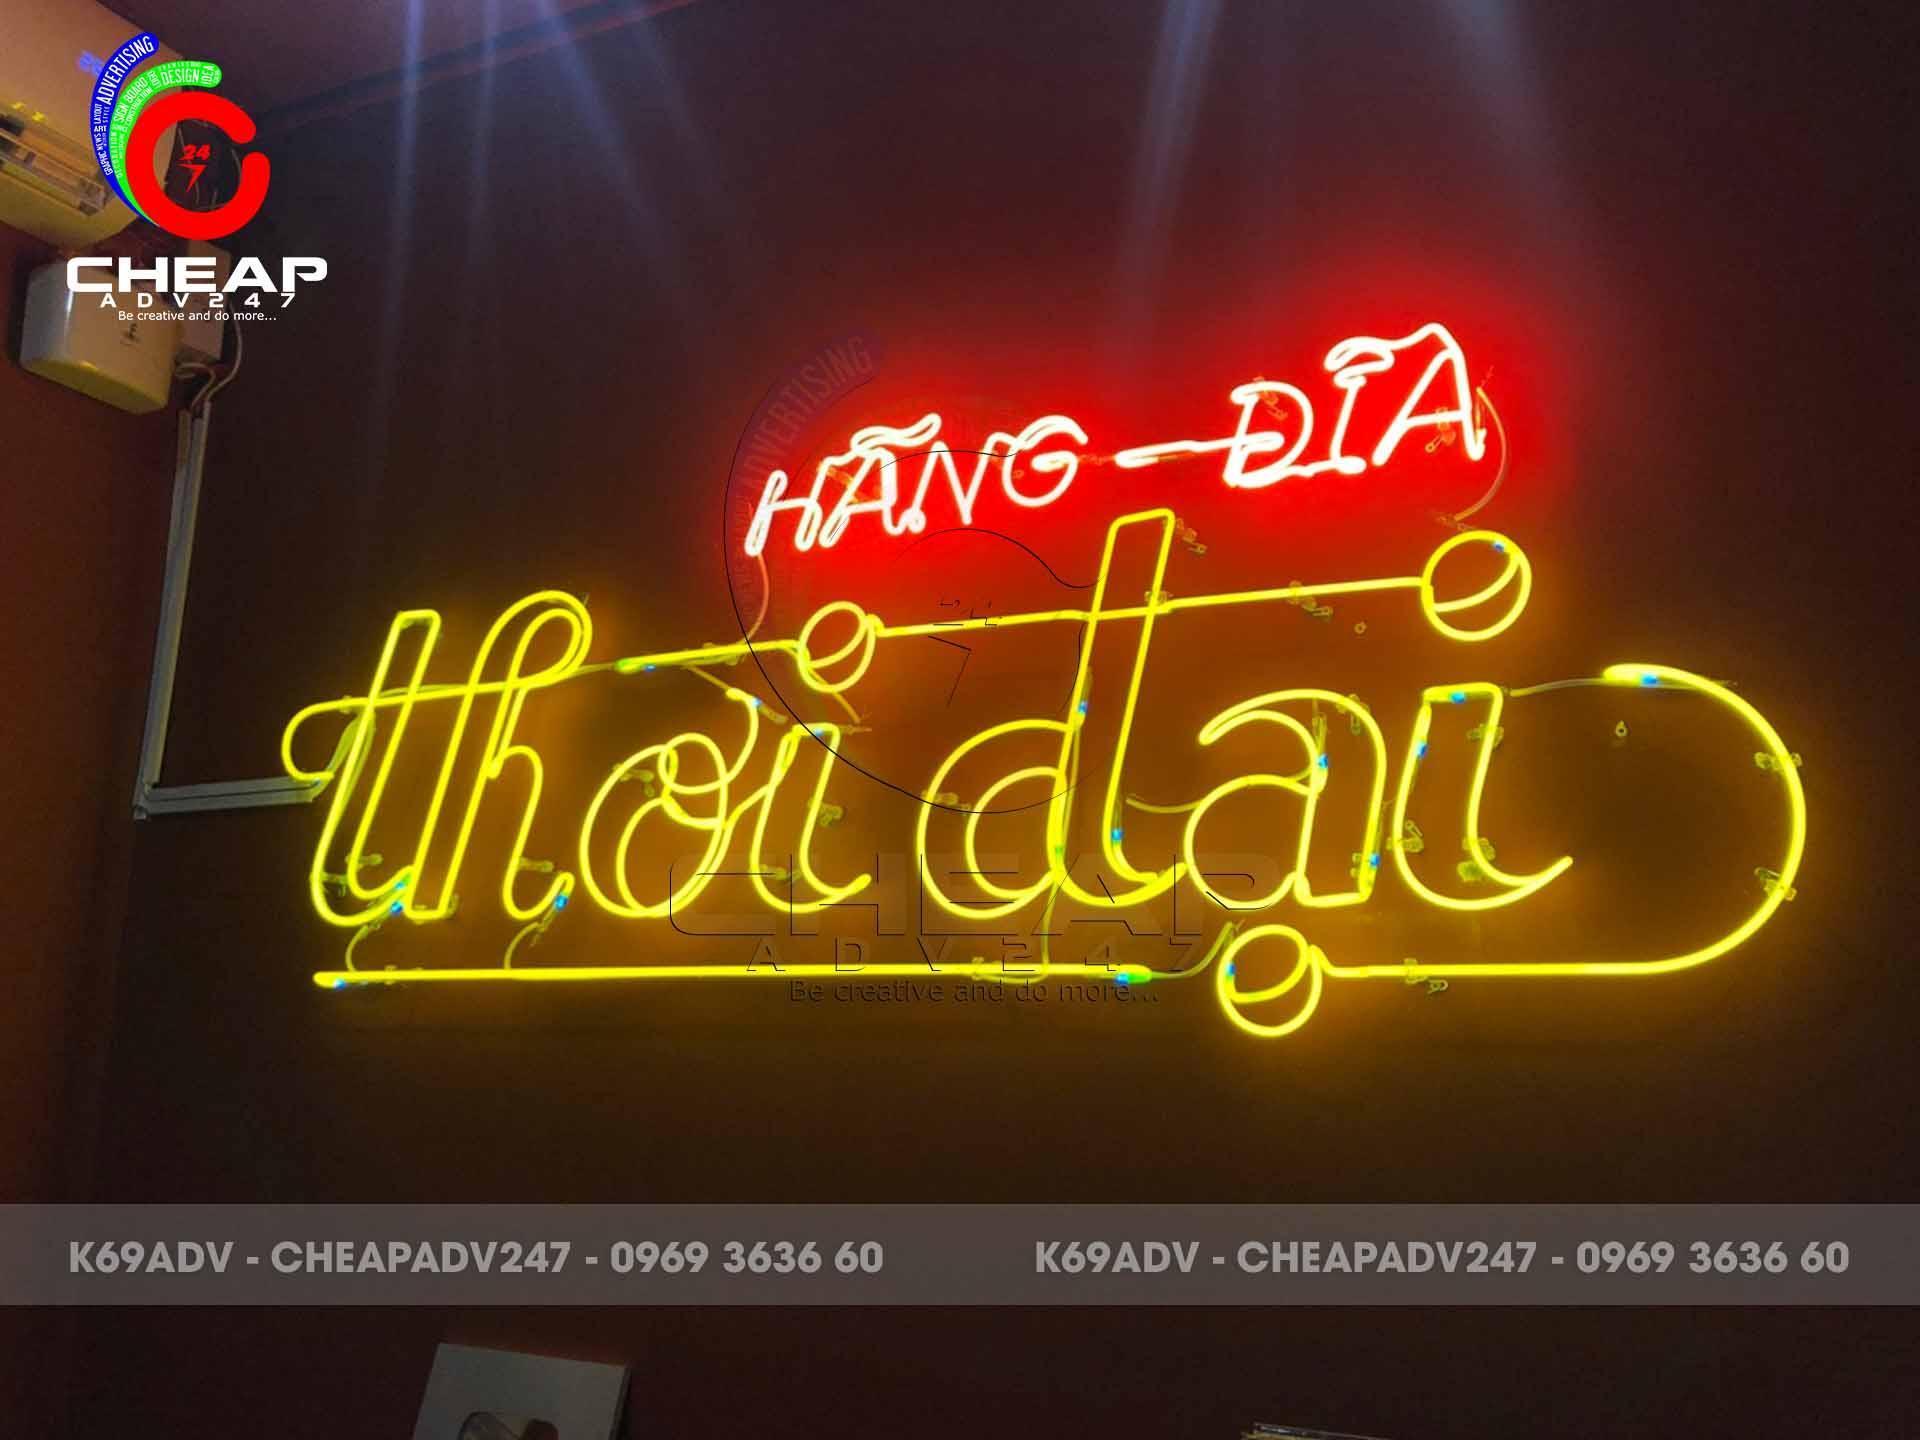 Hình làm đèn neon sign Hãng Đĩa Thời Đại tại Q.1 TpHCM do Cheapadv247 thực hiện